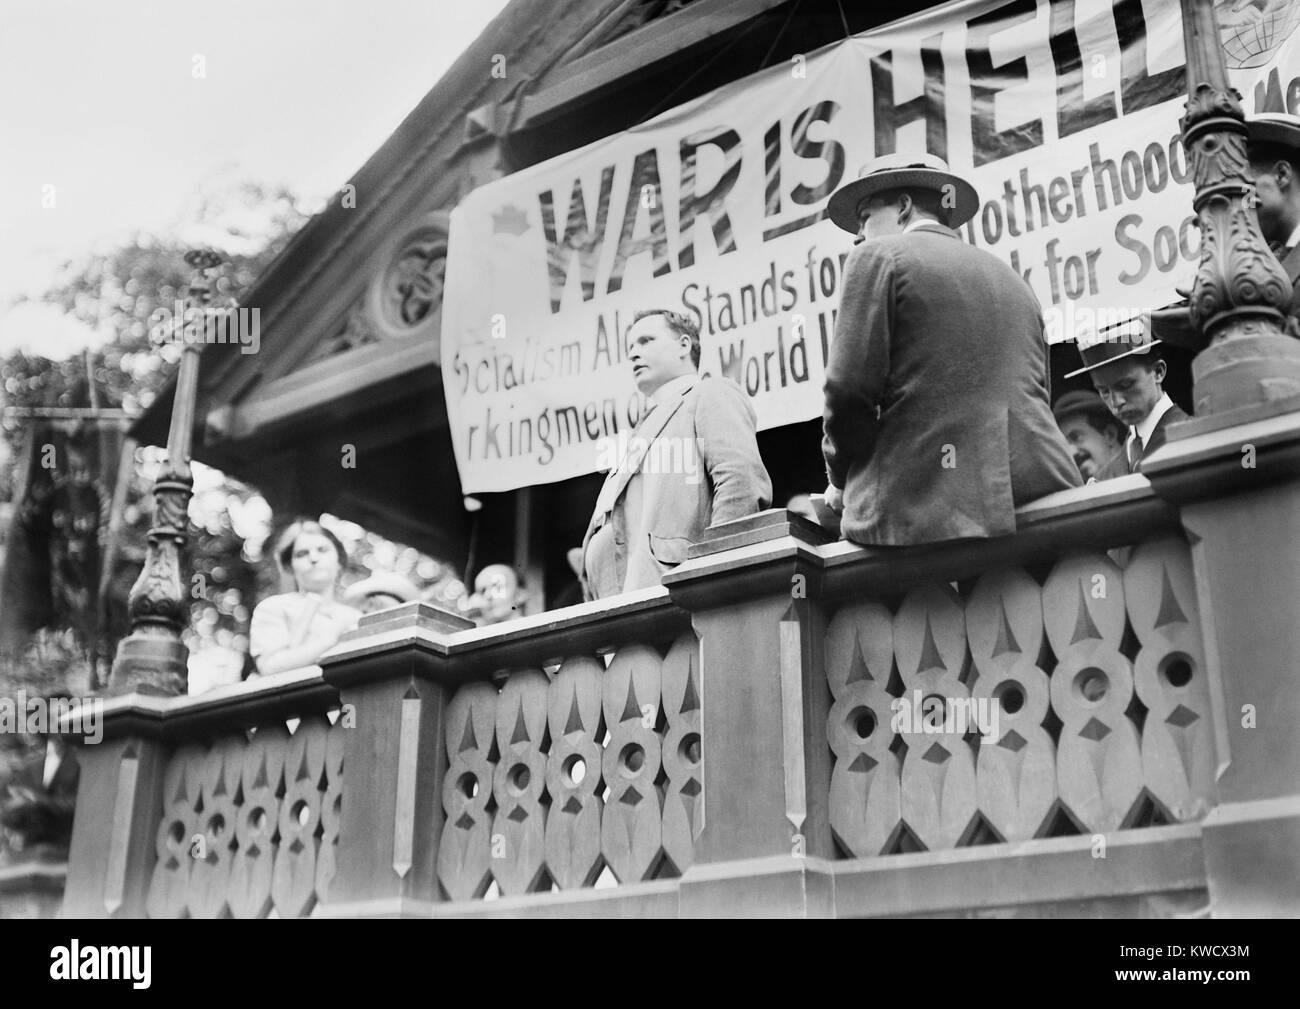 Cornelius Con Lehan, irischen Sozialistischen und Pazifist, sprechen an Anti-kriegs-Kundgebung am Union Square. Stockbild